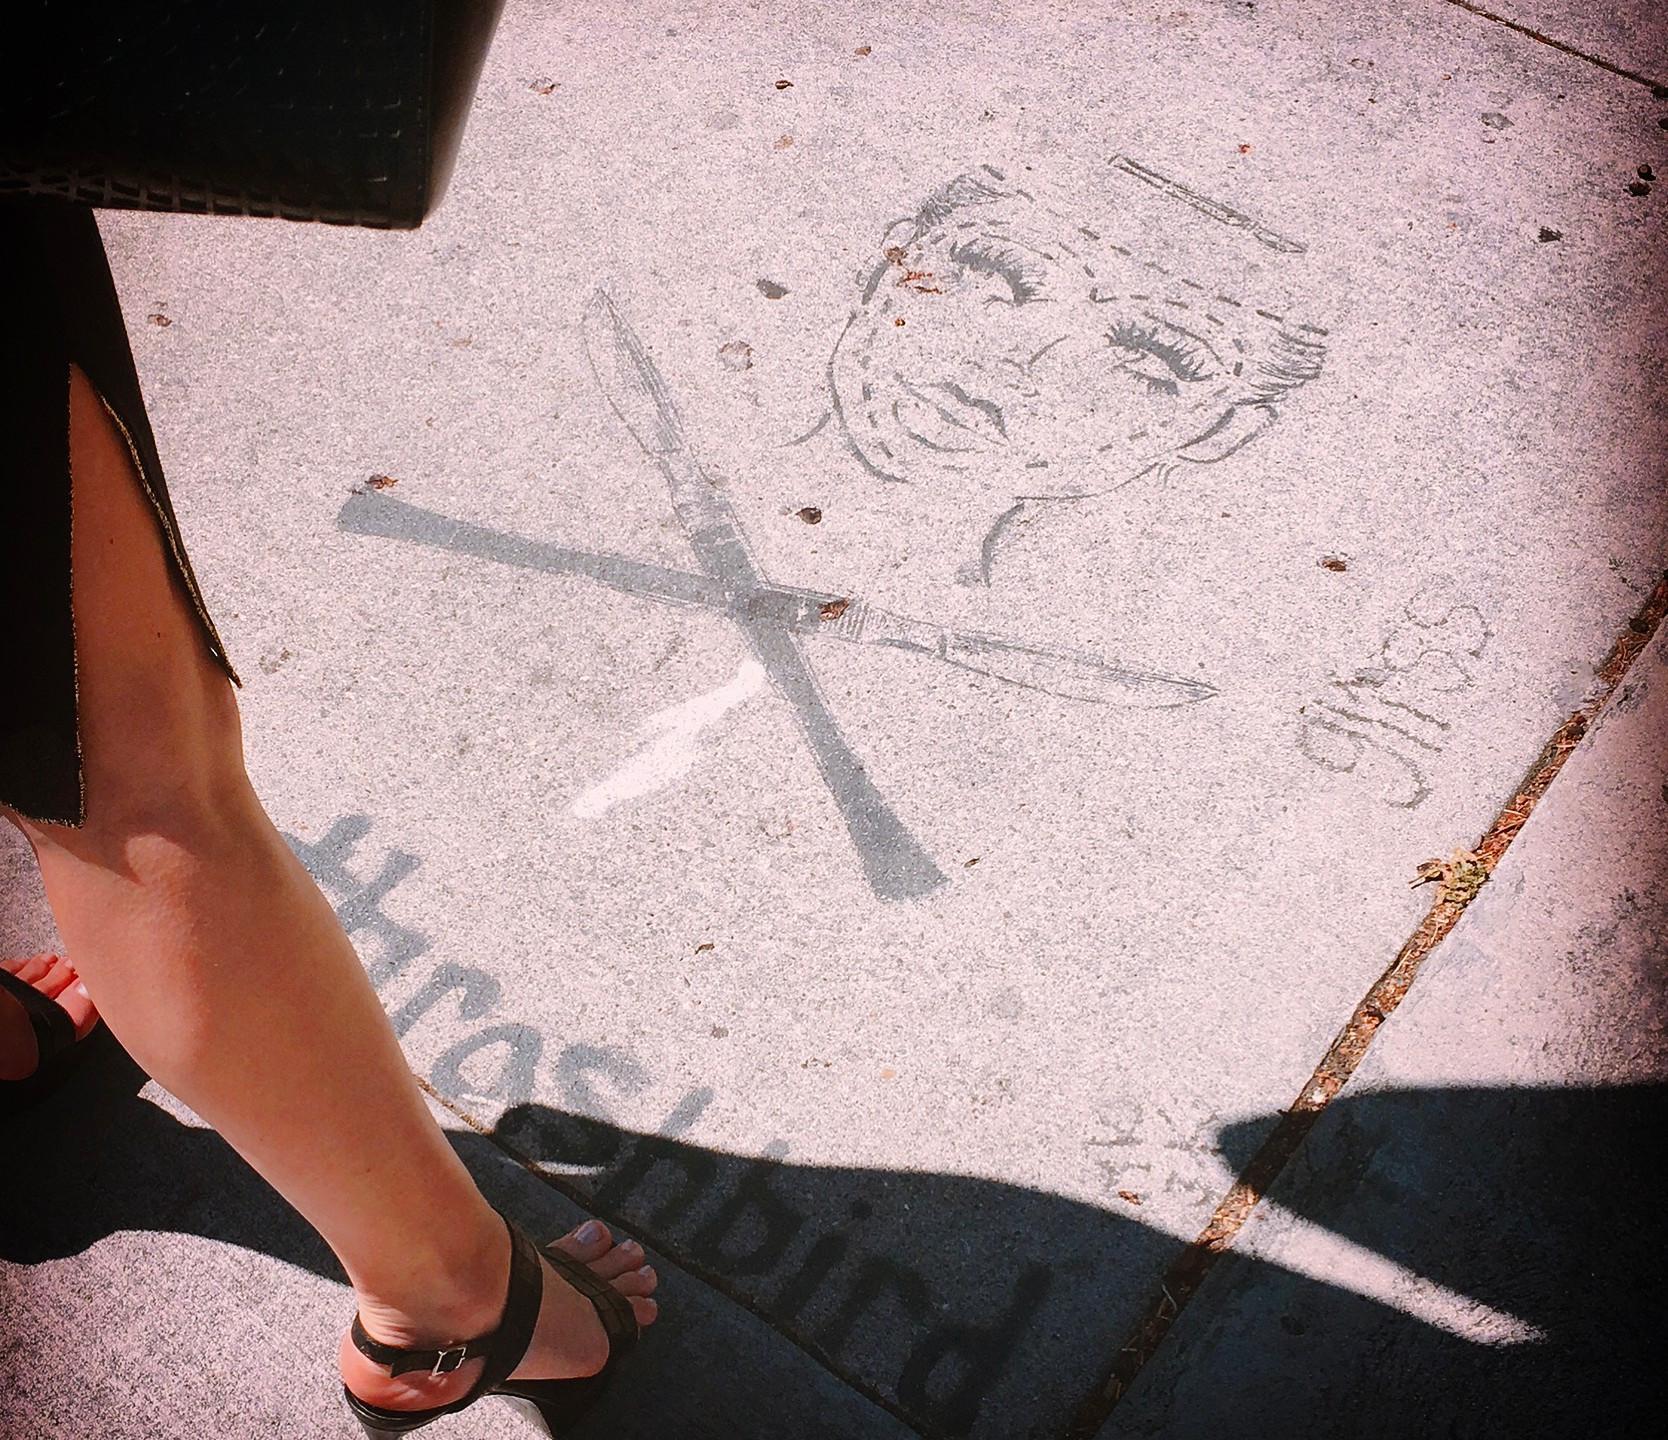 Street art in the heart of Los Feliz